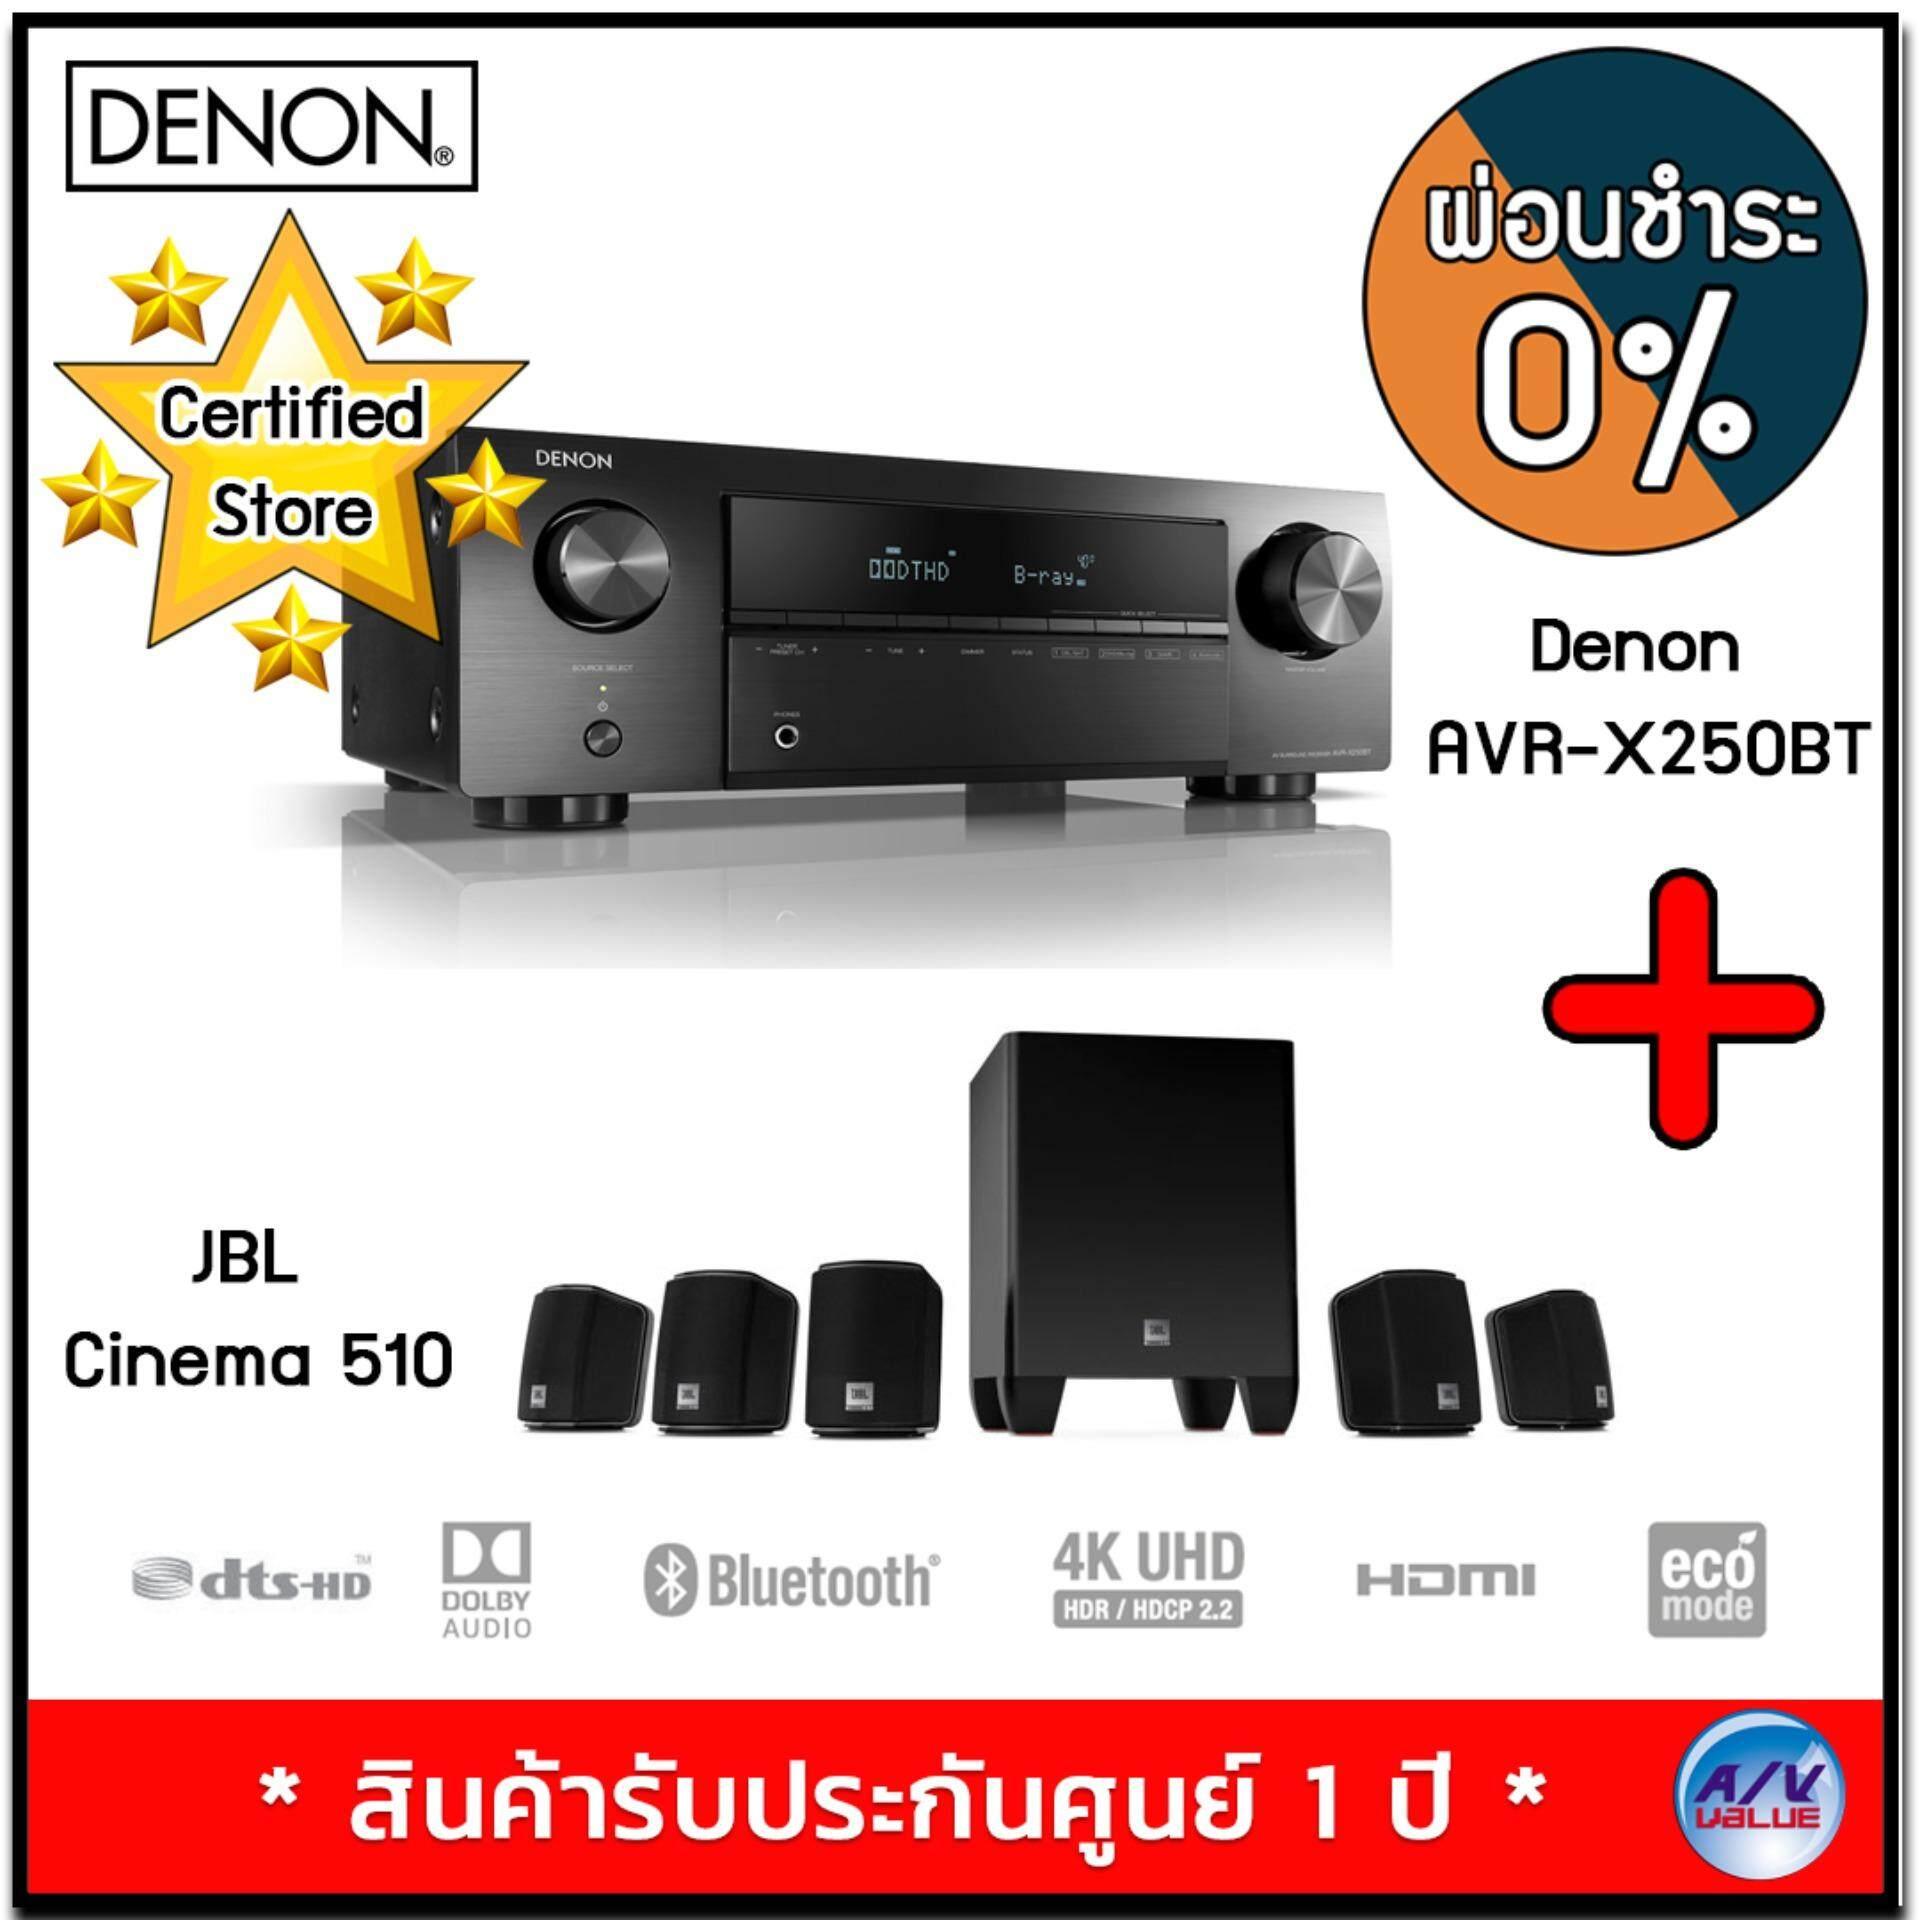 ยี่ห้อนี้ดีไหม  ฉะเชิงเทรา Denon AVR-X250BT 5.1 Ch. 4K Ultra HD AV Receiver with Bluetooth + JBL Cinema 510